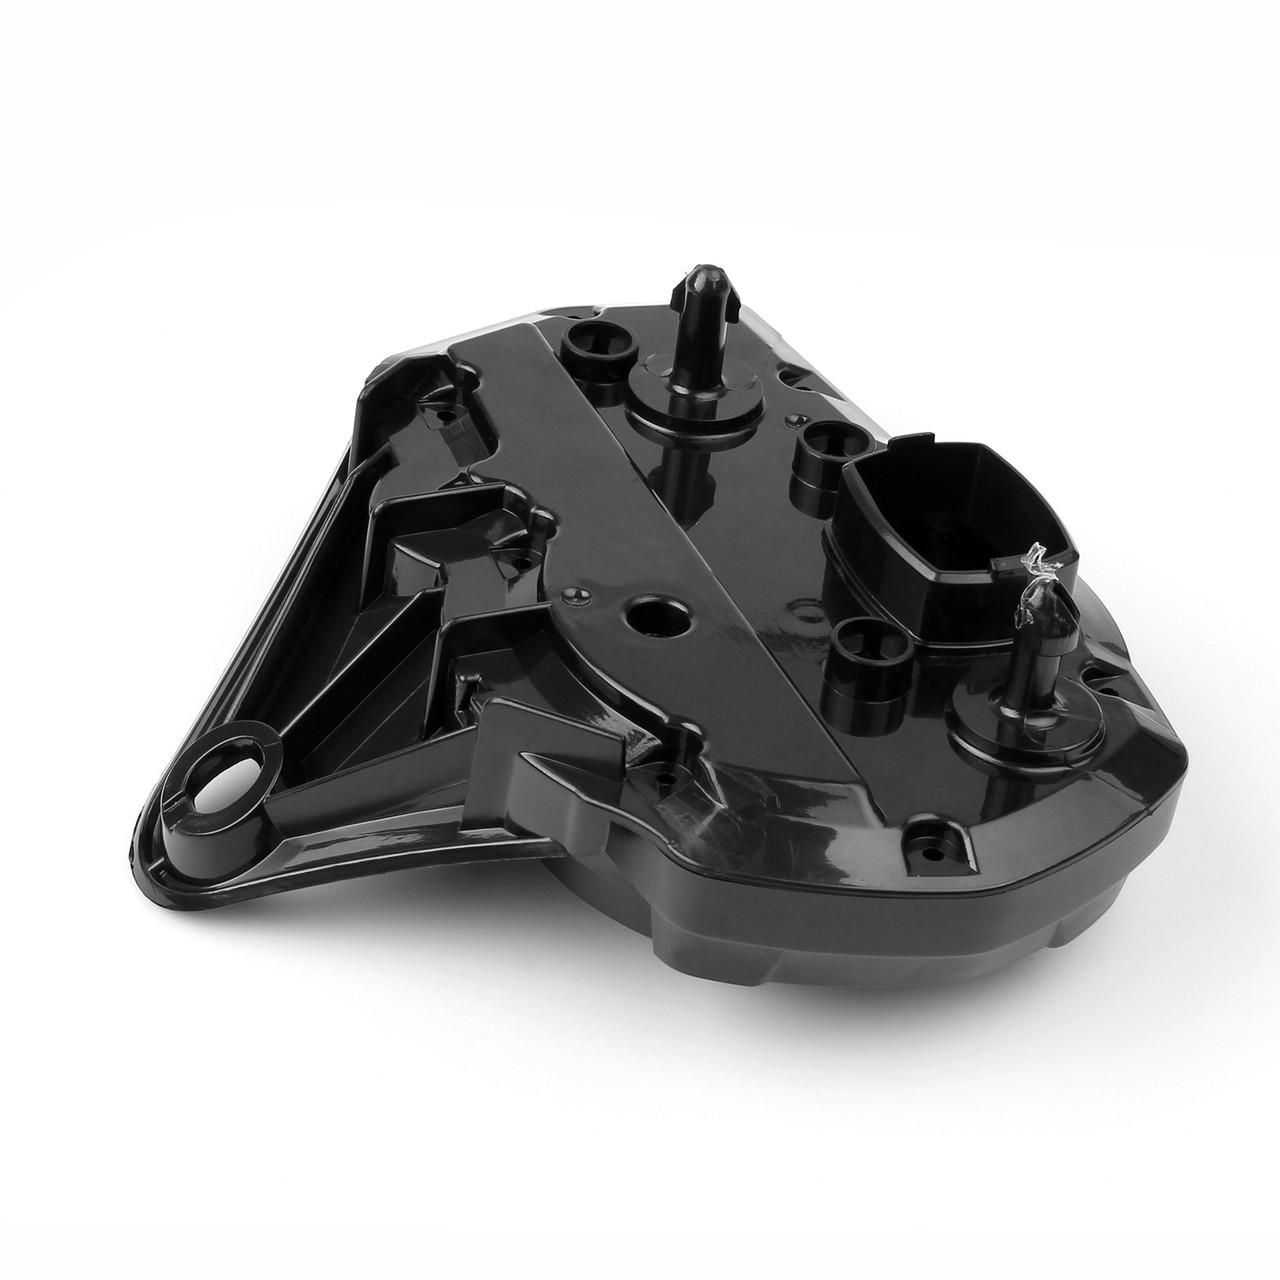 Speedometer Gauge Instrument Housing Cover For Suzuki GSXR600/750 (06-07) Black